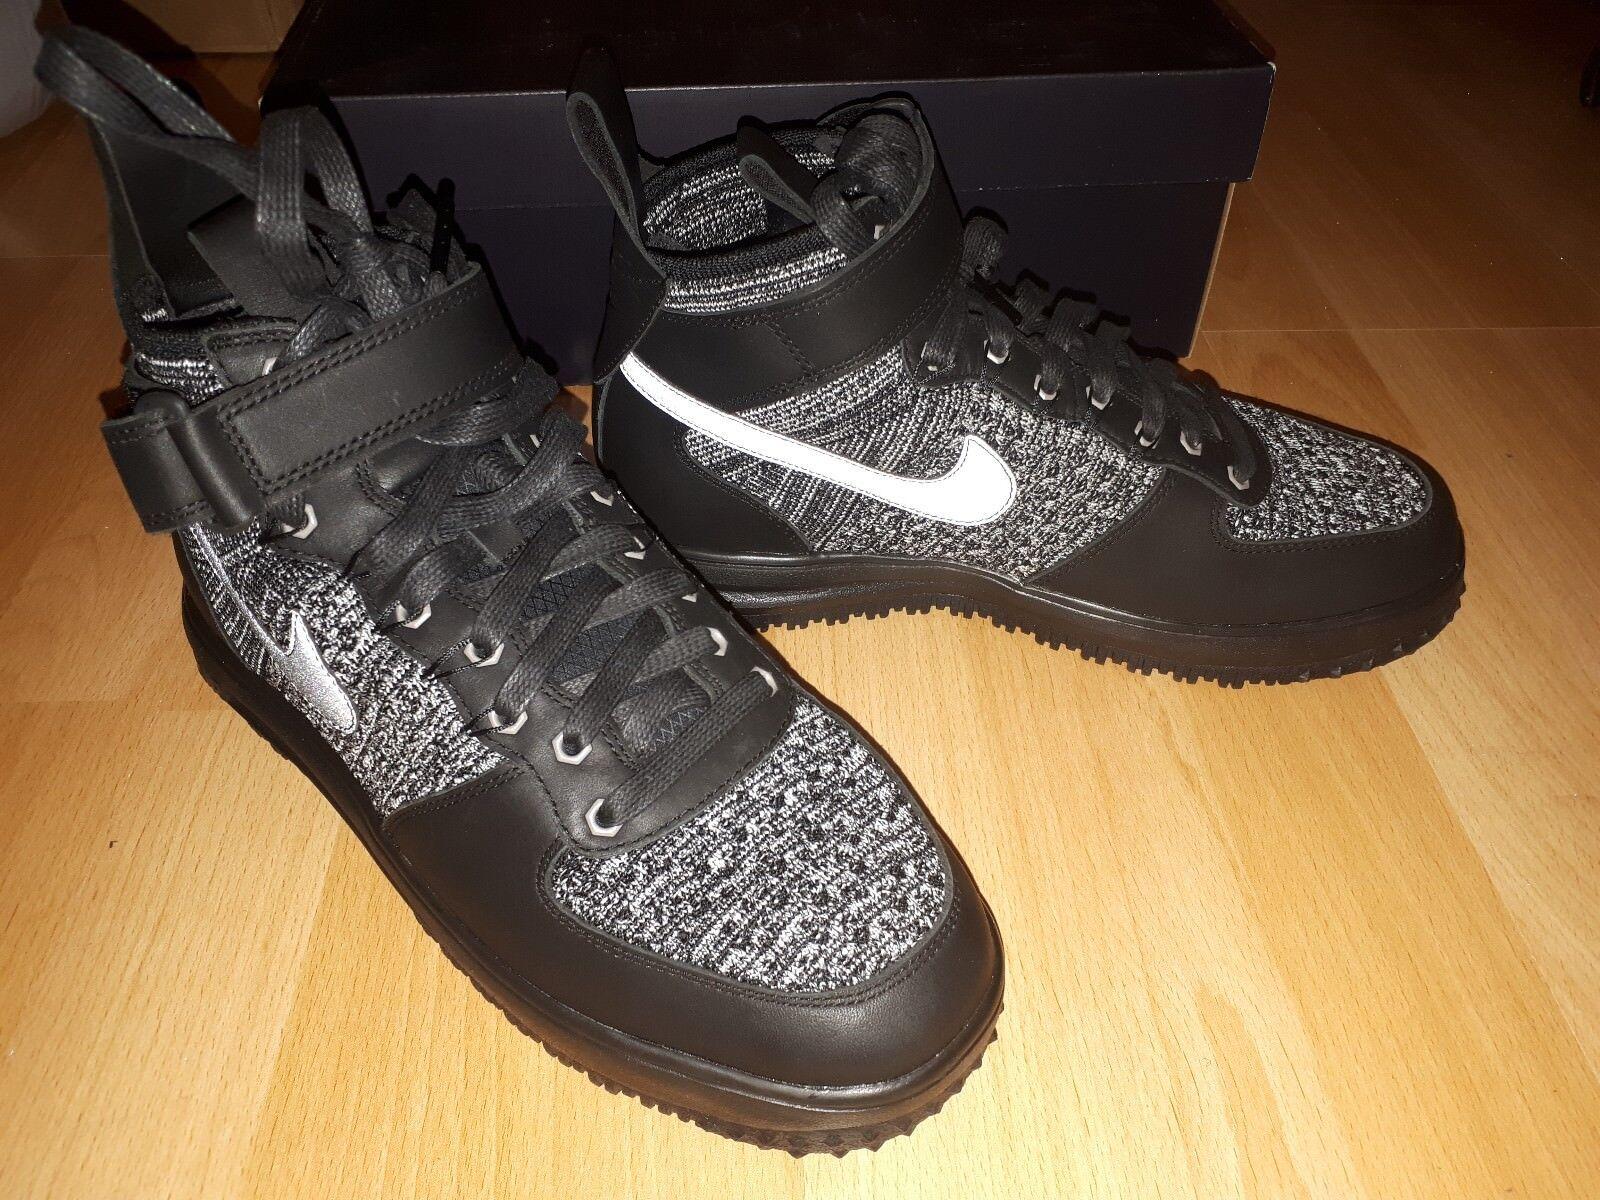 NIKE Nike LF1 Flyknit Gr. Workboot WMNS Herrenschuhe Sneakers Sport Gr. Flyknit 36.5,neu 169e13